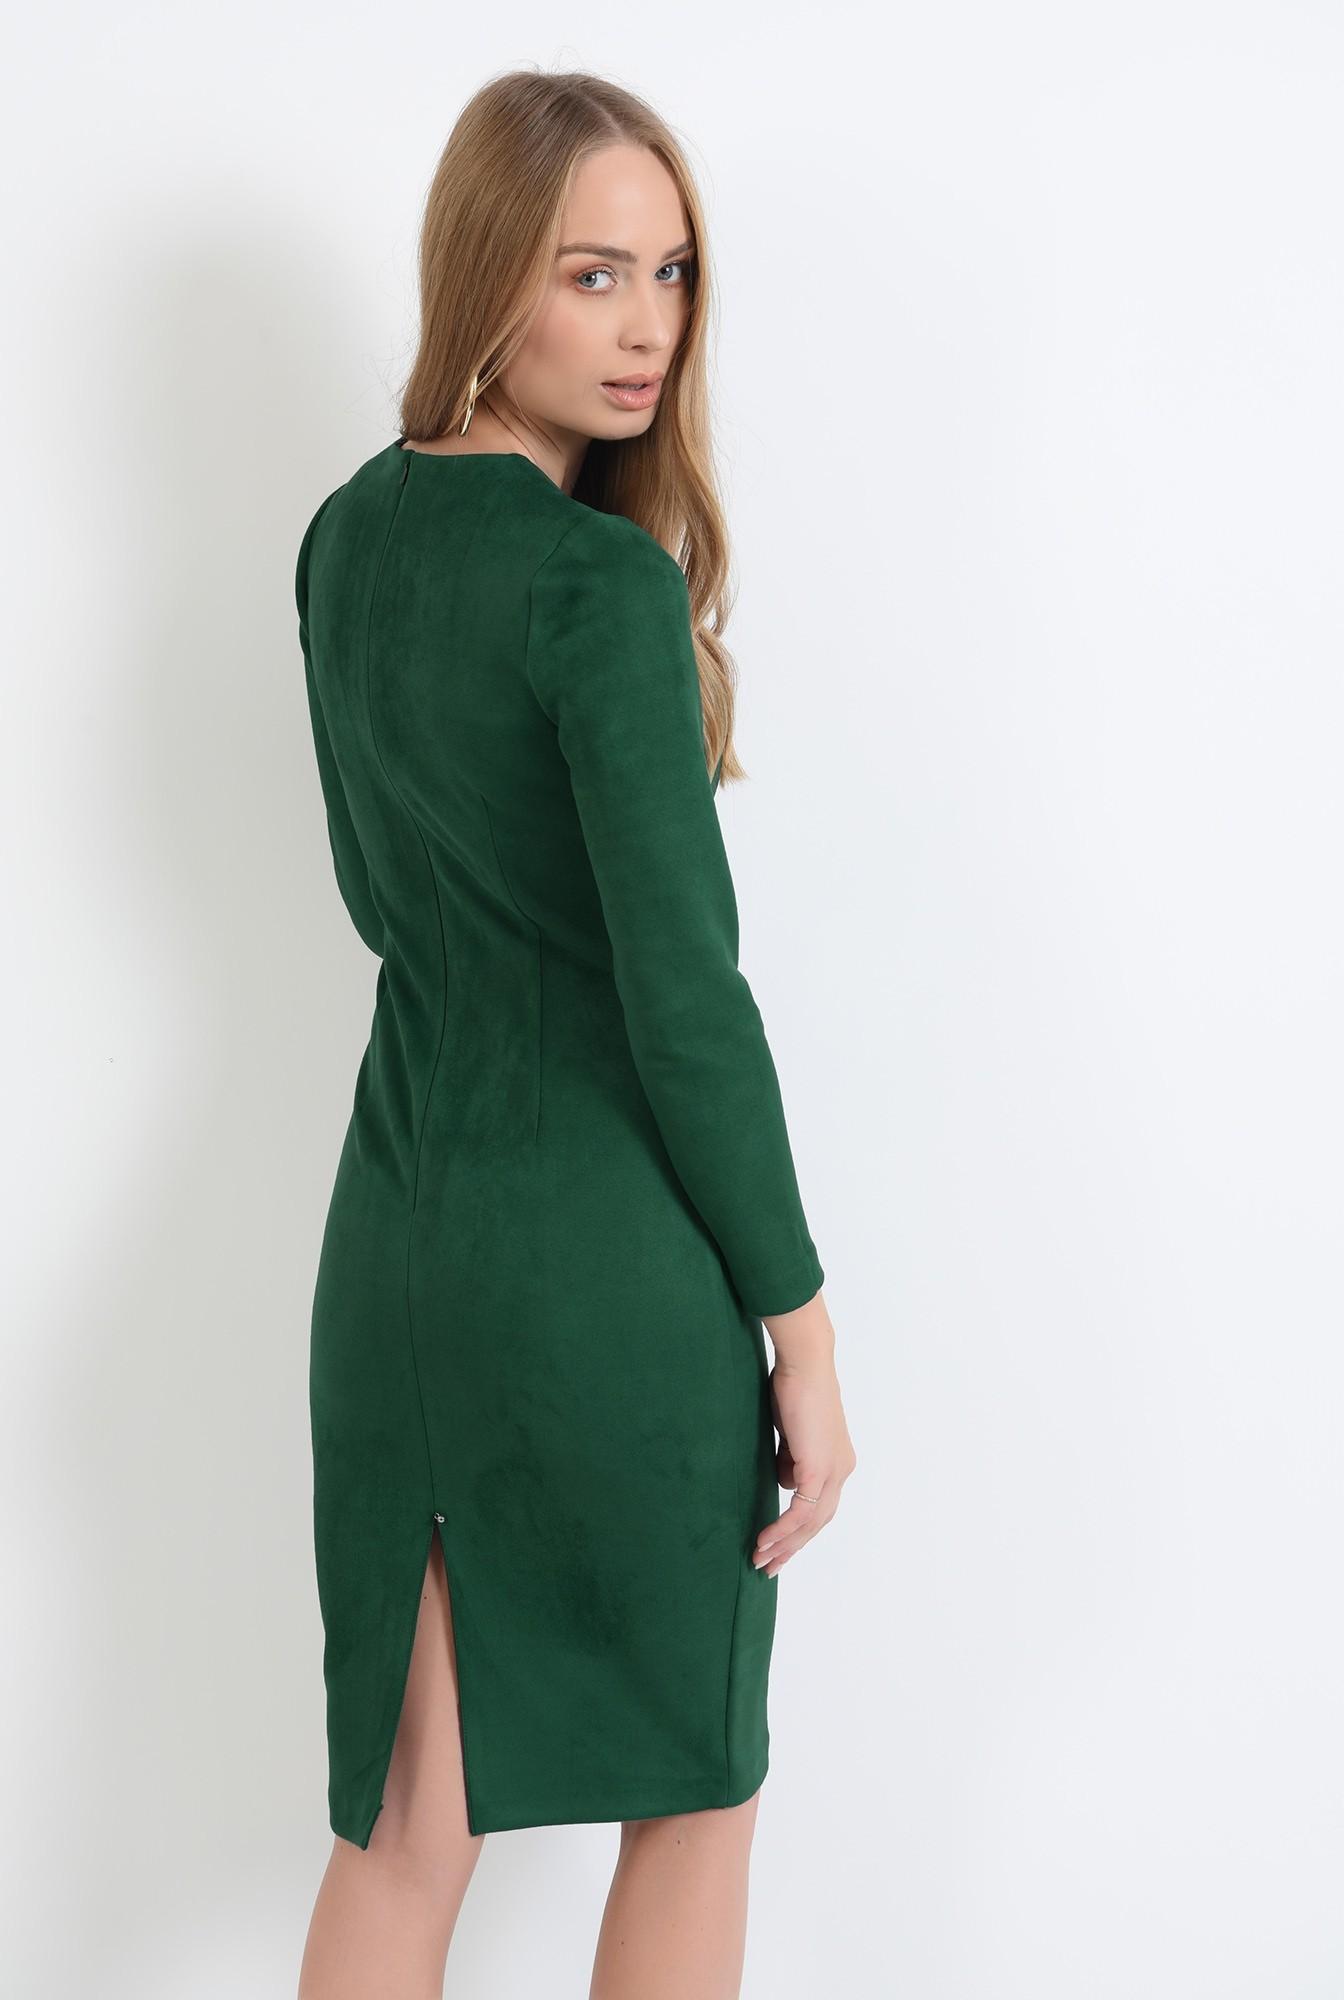 1 - rochie conica, verde, midi, Poema